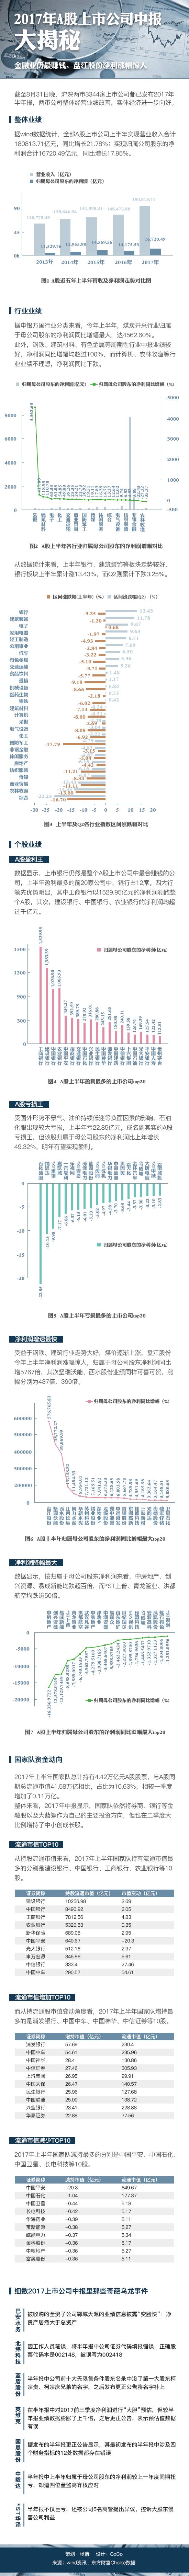 2017年A股上市公司中报大揭秘:金融业仍最赚钱